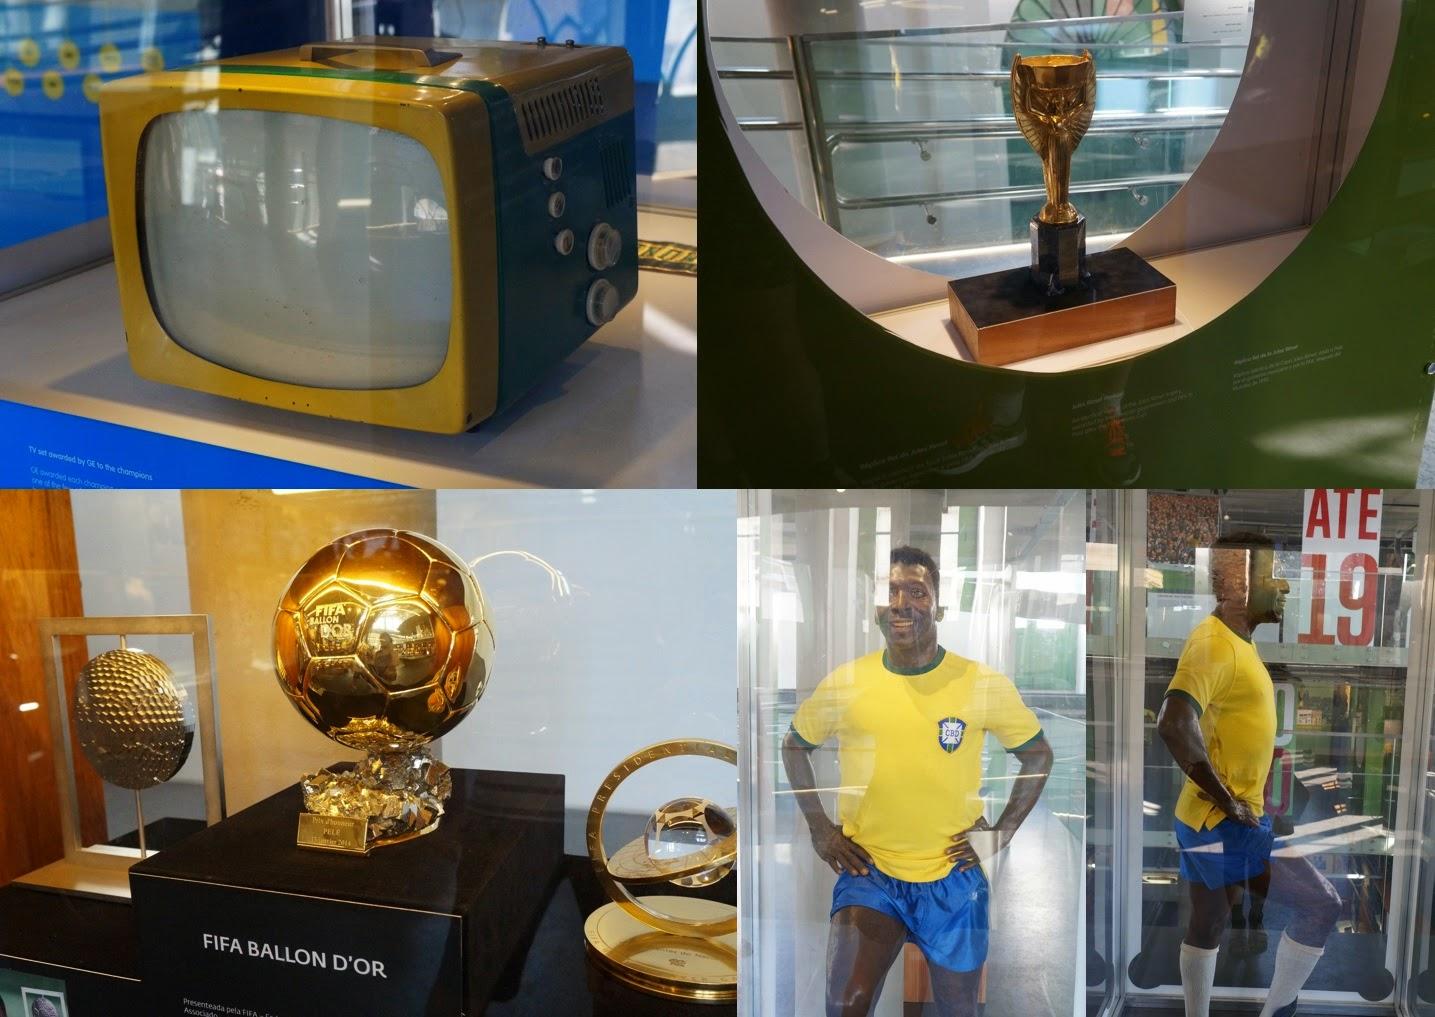 exposição do Museu Pelé - tv verde e amarela de 58, réplica do troféu Jules Rimet, troféu Bola de Ouro da FIFA e boneco réplica de Pelé.